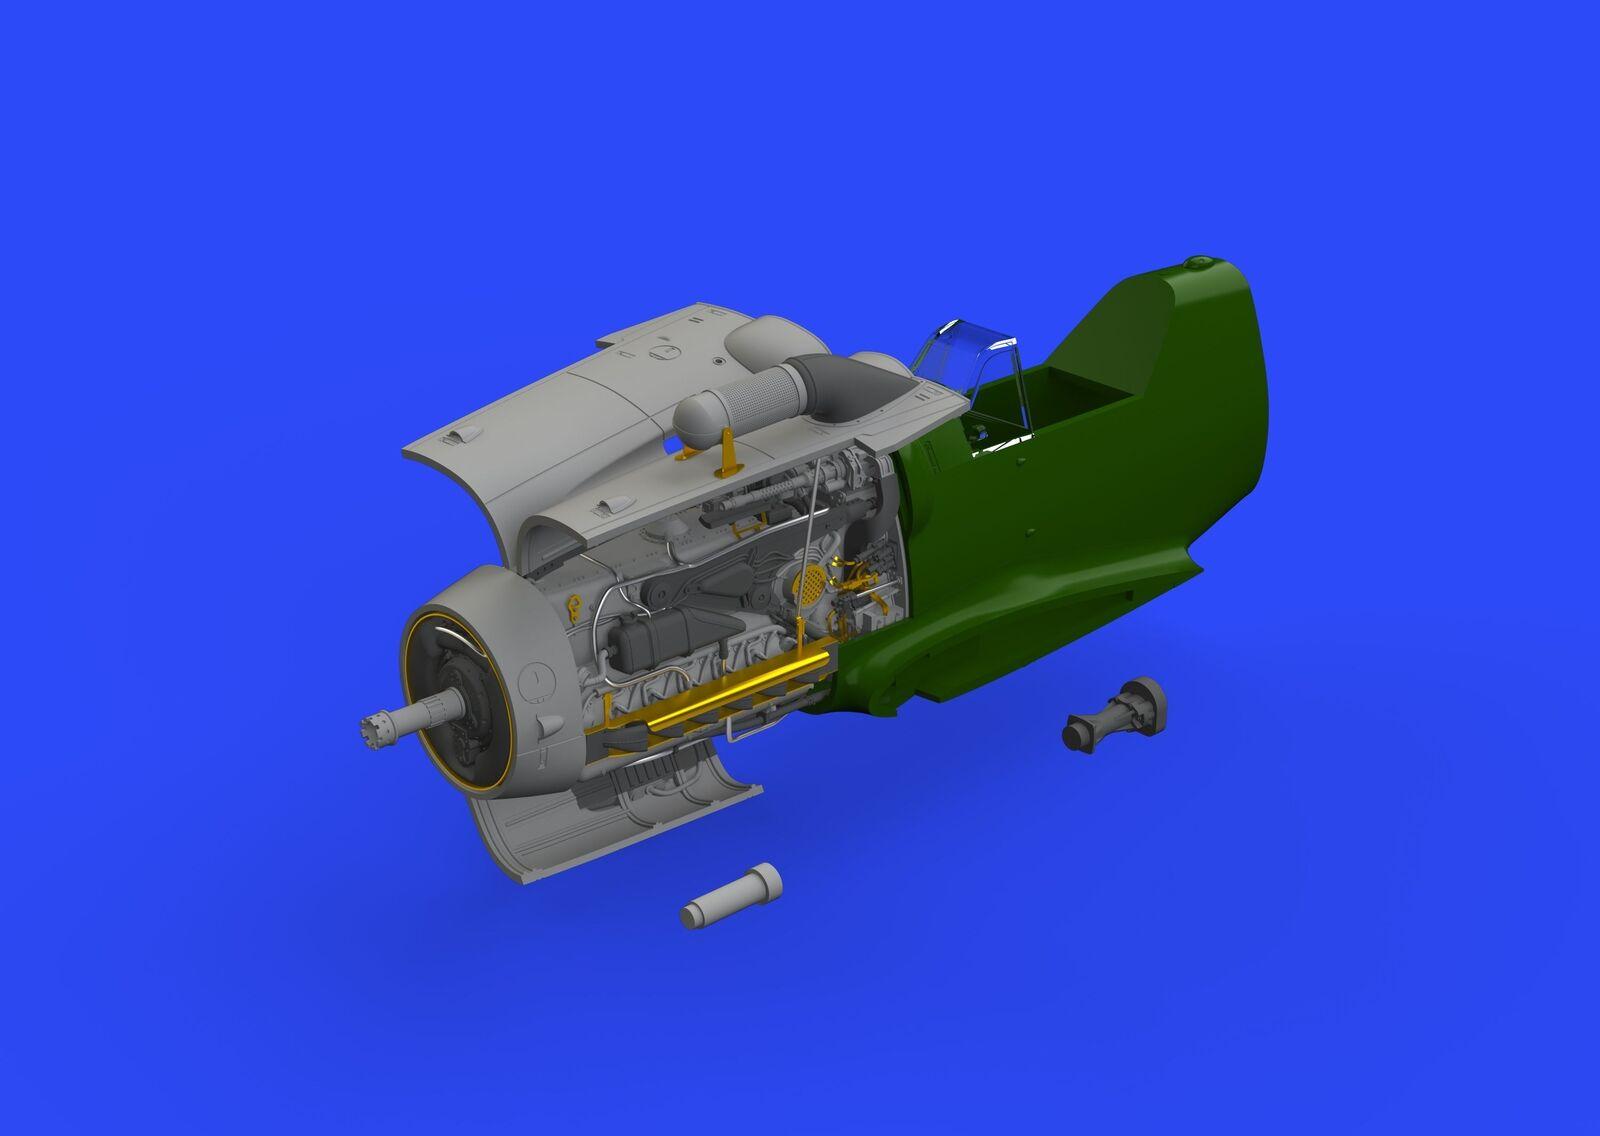 Eduard Brassin 1 48 Messerschmitt Bf-109g-6 Motor  648406